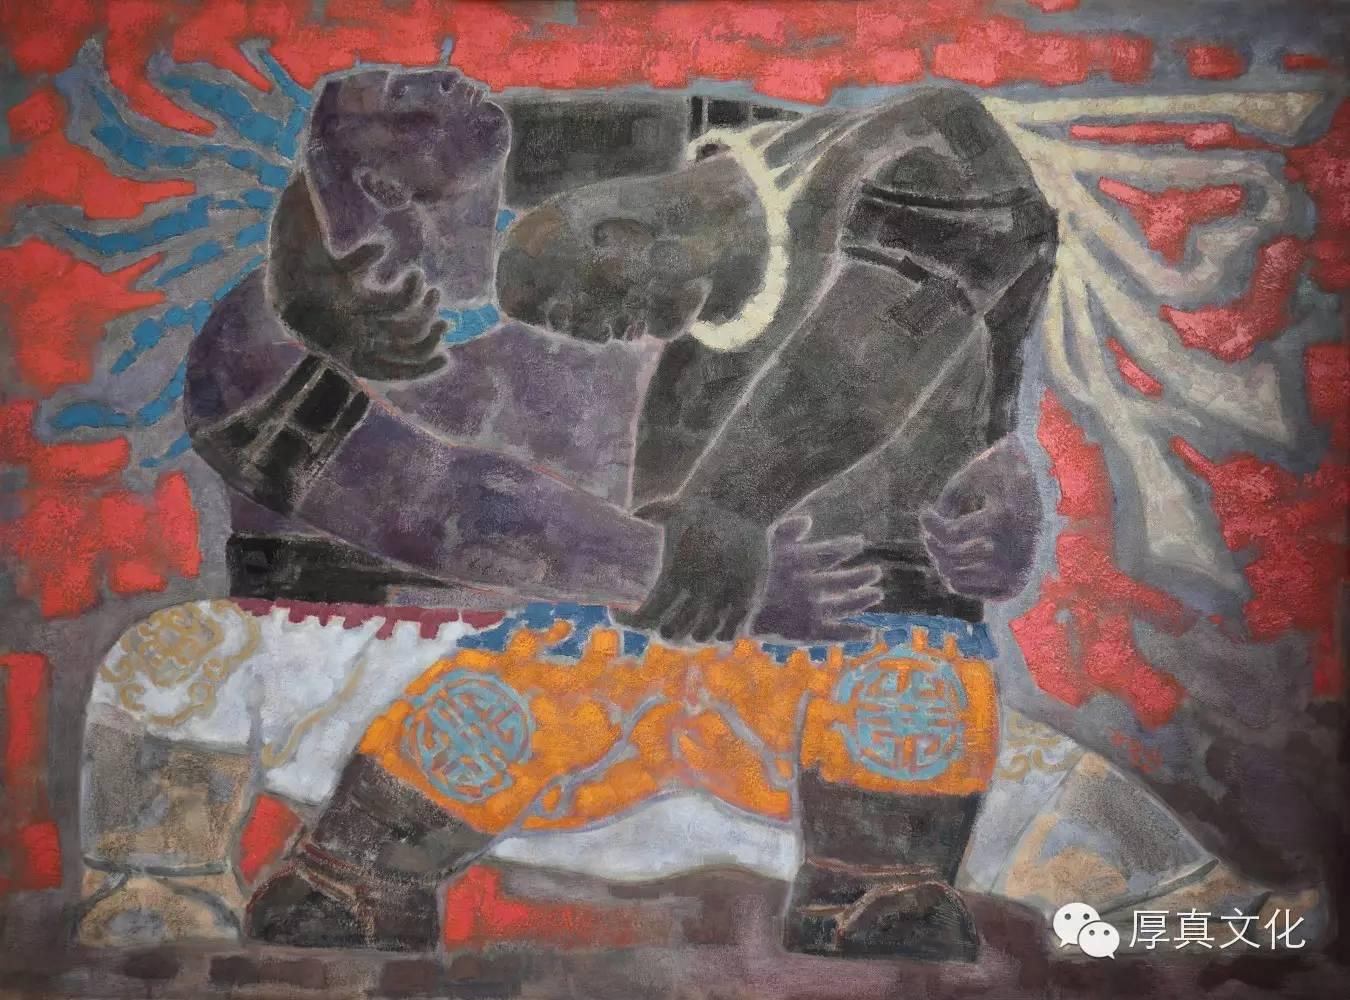 【蒙古人】画家——格日乐图 第8张 【蒙古人】画家——格日乐图 蒙古画廊